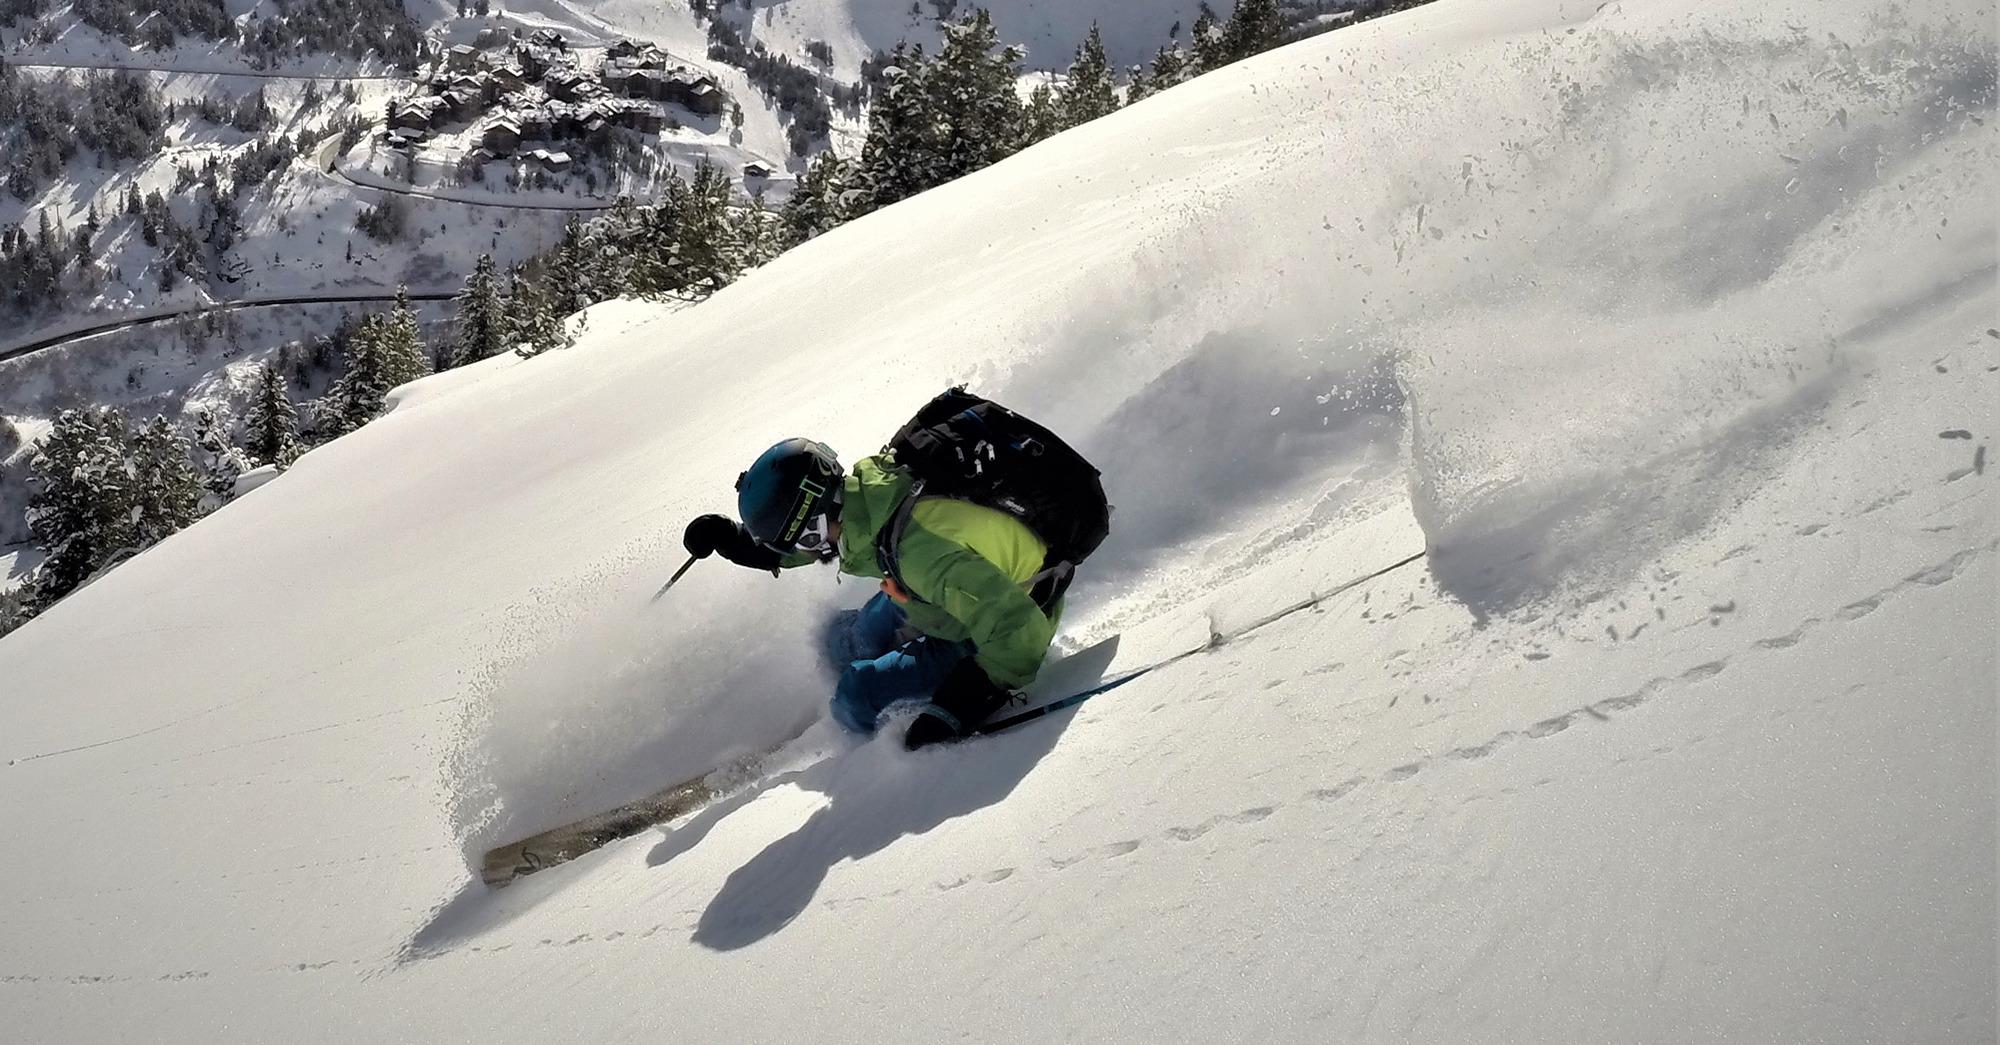 Skis Villacampa 2022